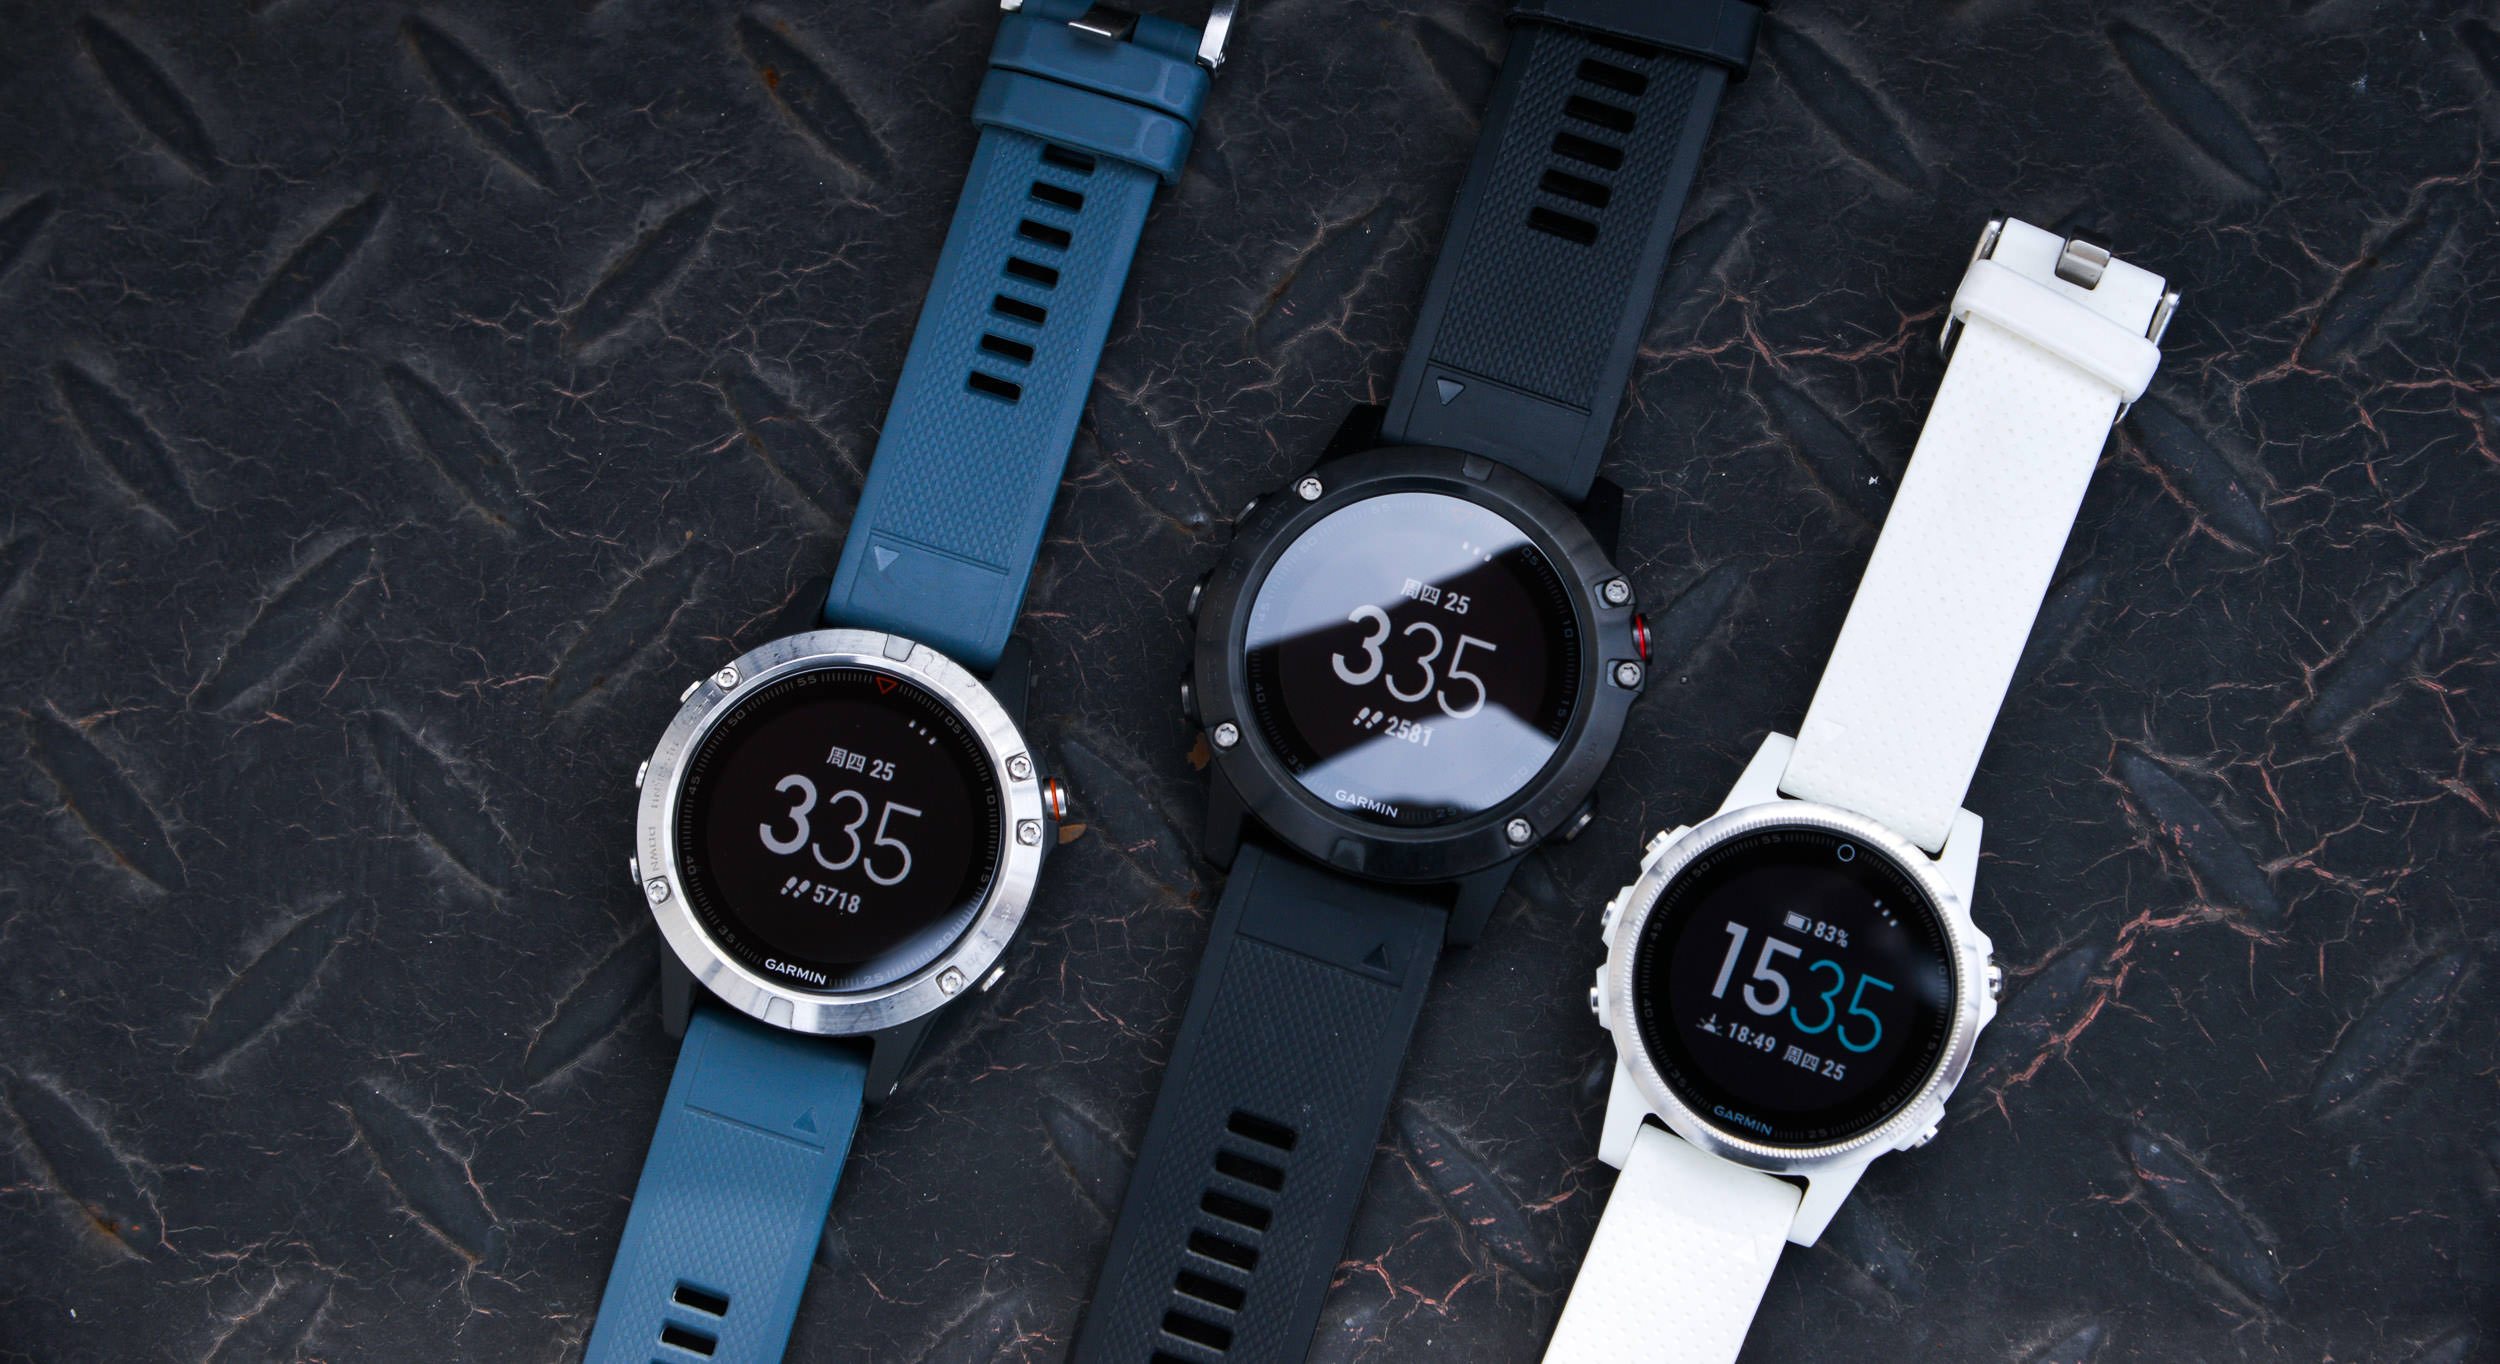 手表 | 地图有多好用?小巧到不愿摘下来 Garmin Fenix 5X/5S深度评测(一)